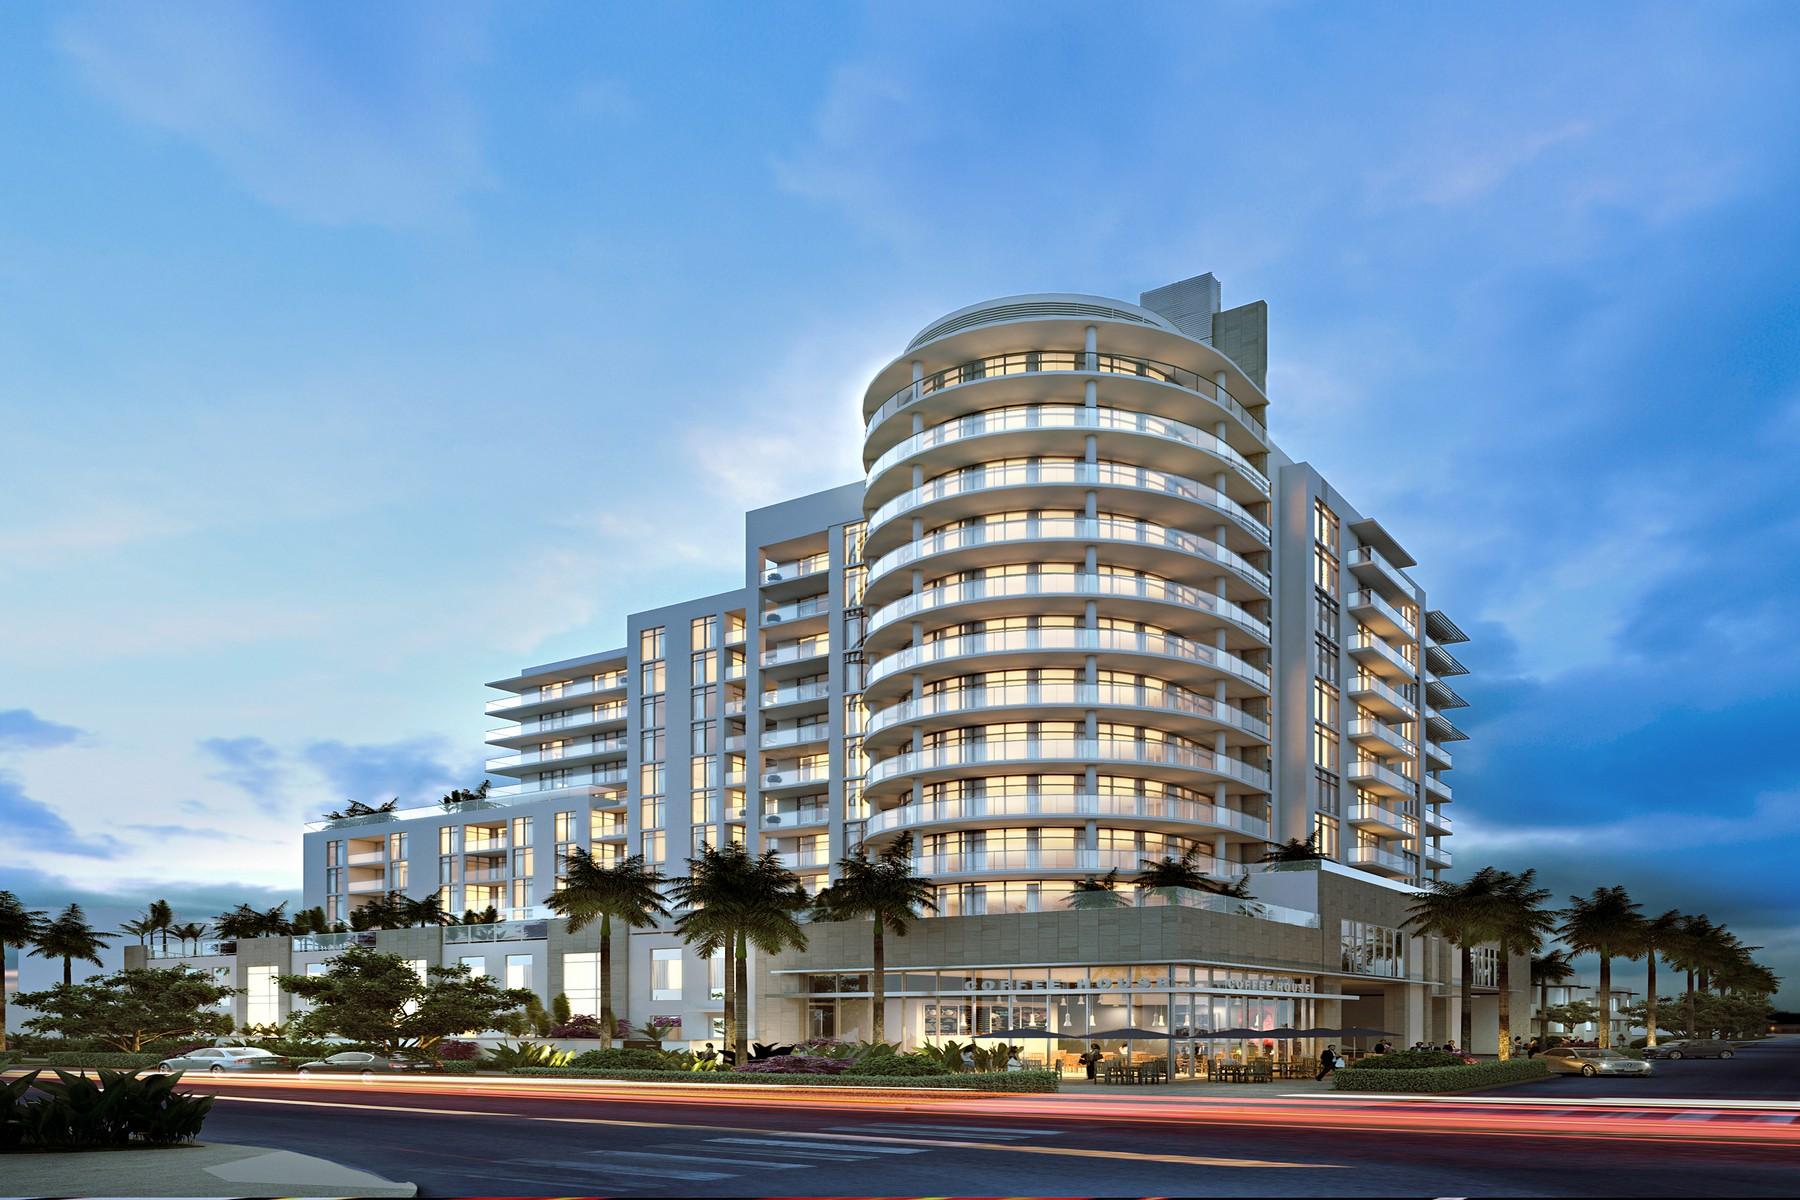 公寓 为 销售 在 Gale Residences 2434 E Las Olas Blvd 700 劳德代尔堡, 佛罗里达州, 33304 美国